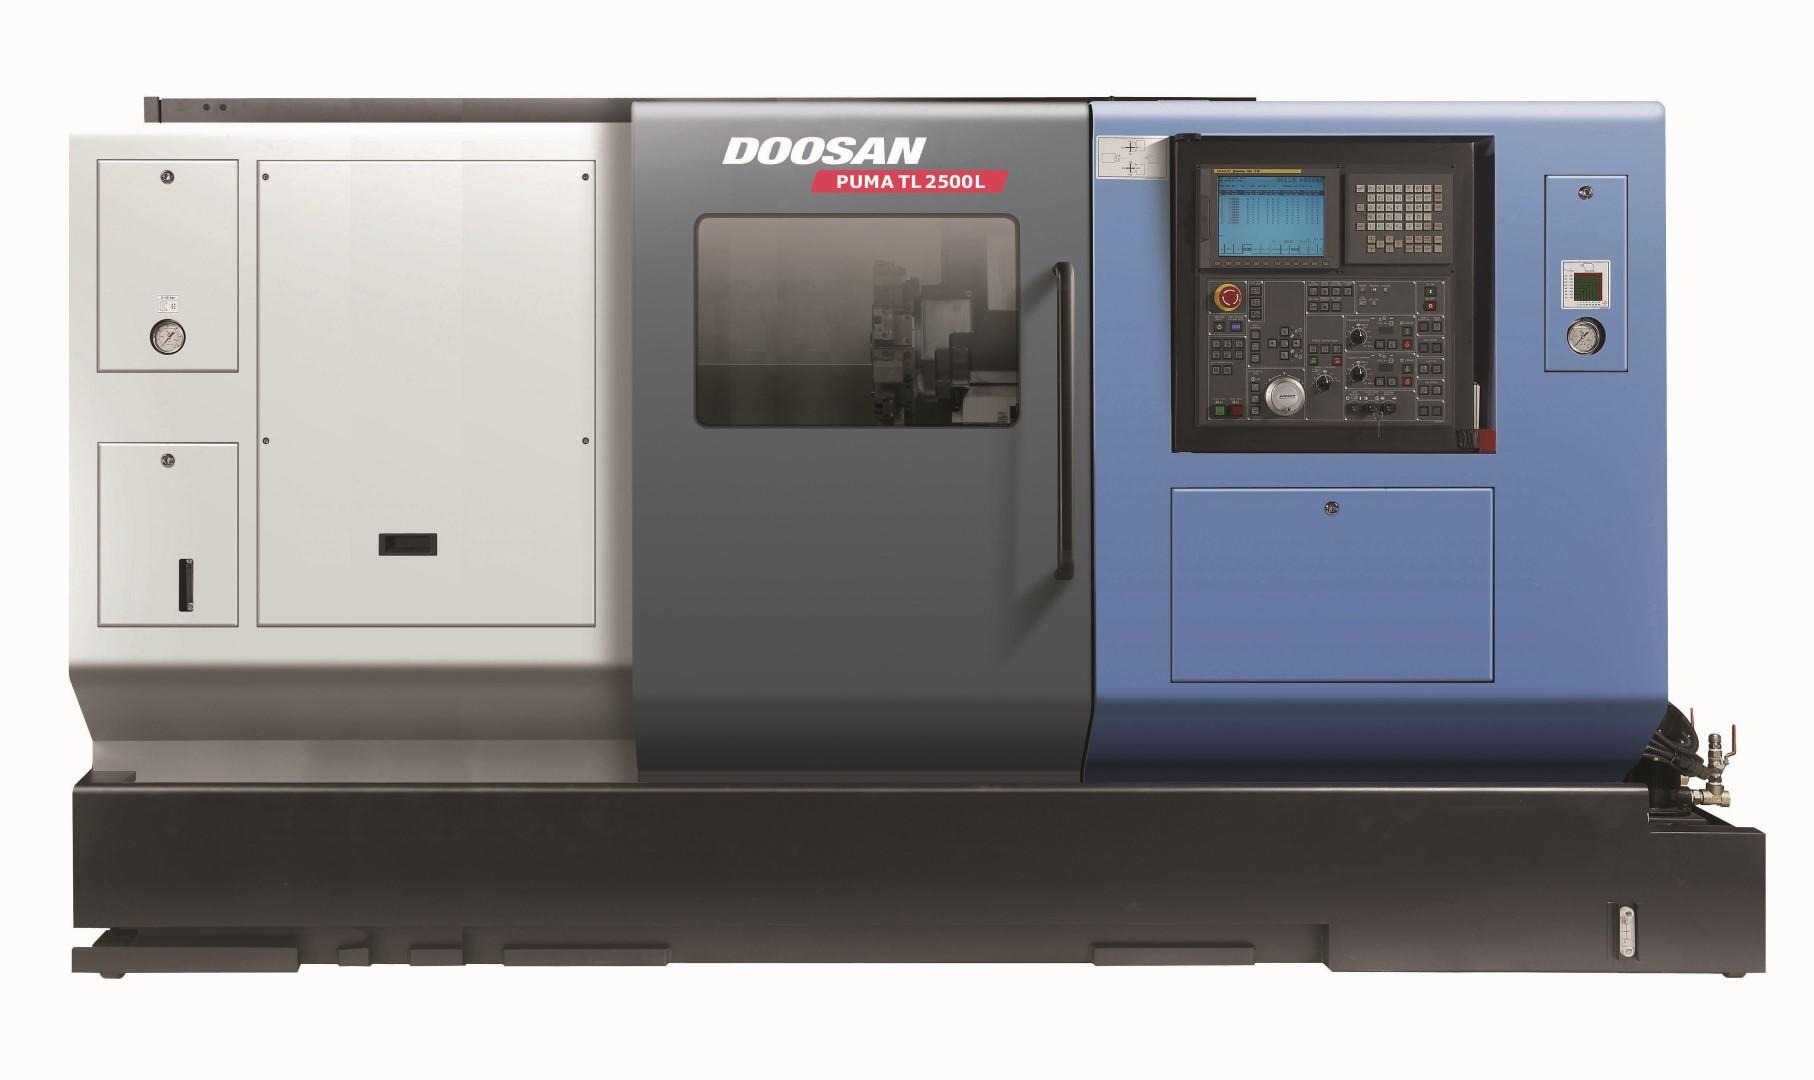 Doosan PUMA TL2500, TL2500L